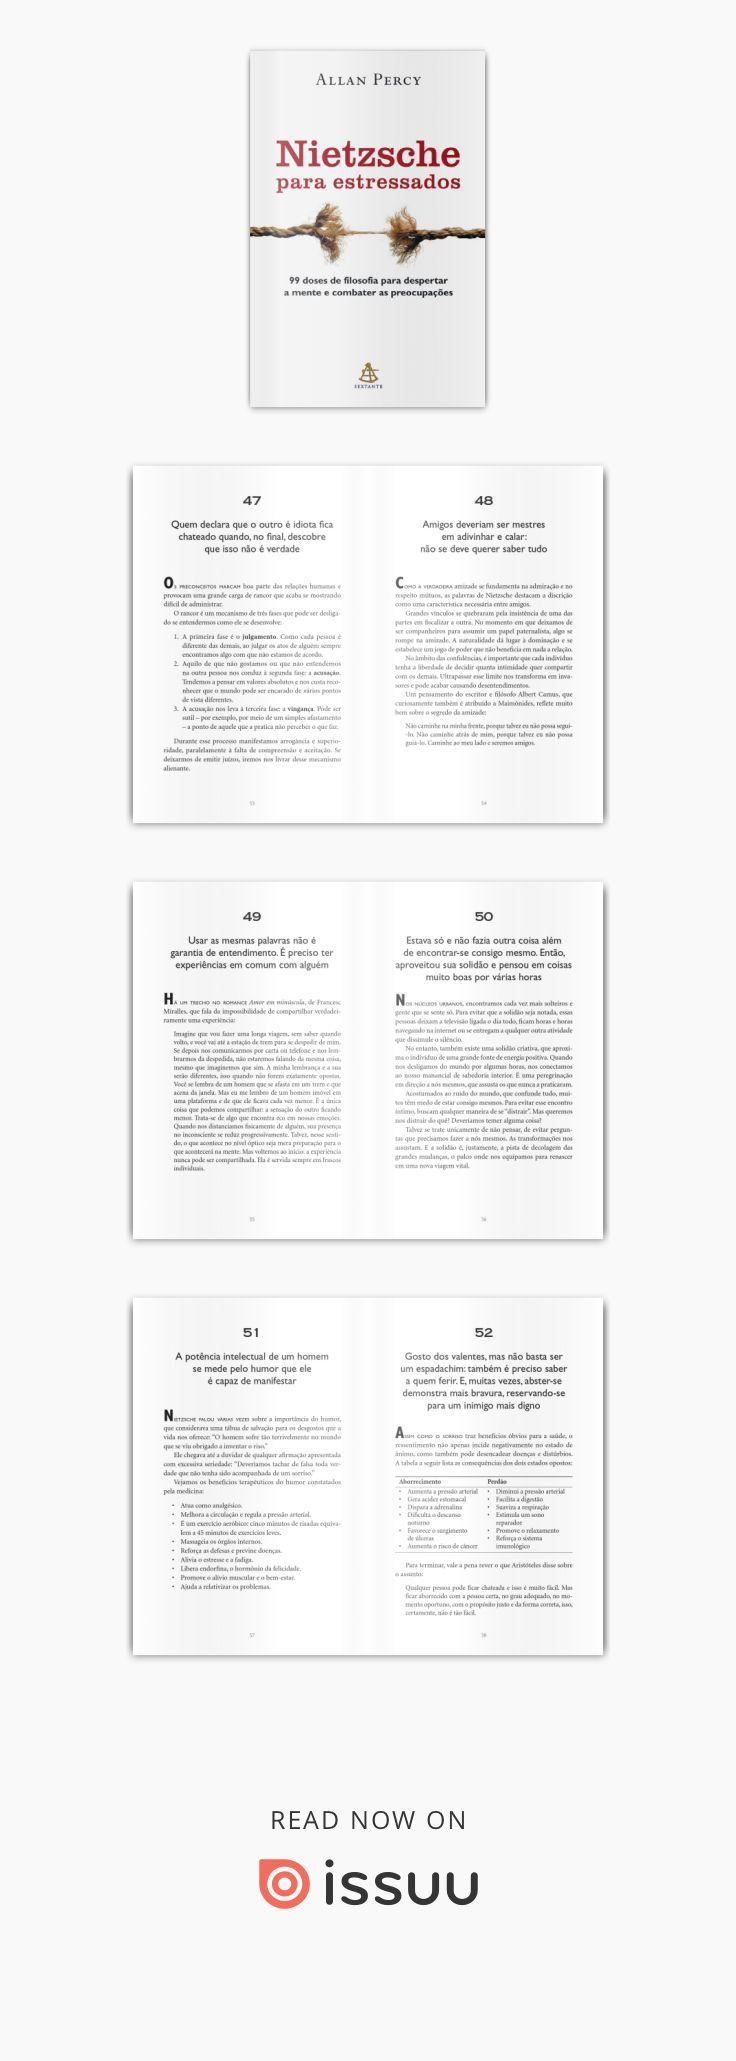 Nietzsche para estressados é um manual inteligente e estimulante que reúne 99 máximas do gênio alemão e sua aplicação a várias situações do dia a dia. A sabedoria de Nietzsche é de grande utilidade na busca de uma solução para uma série de problemas, tanto na vida pessoal quanto na profissional. Este breve curso de filosofia cotidiana foi criado por Allan Percy para nos auxiliar nos momentos em que precisamos tomar decisões, recuperar o ânimo, encontrar o caminho certo e relativizar a…